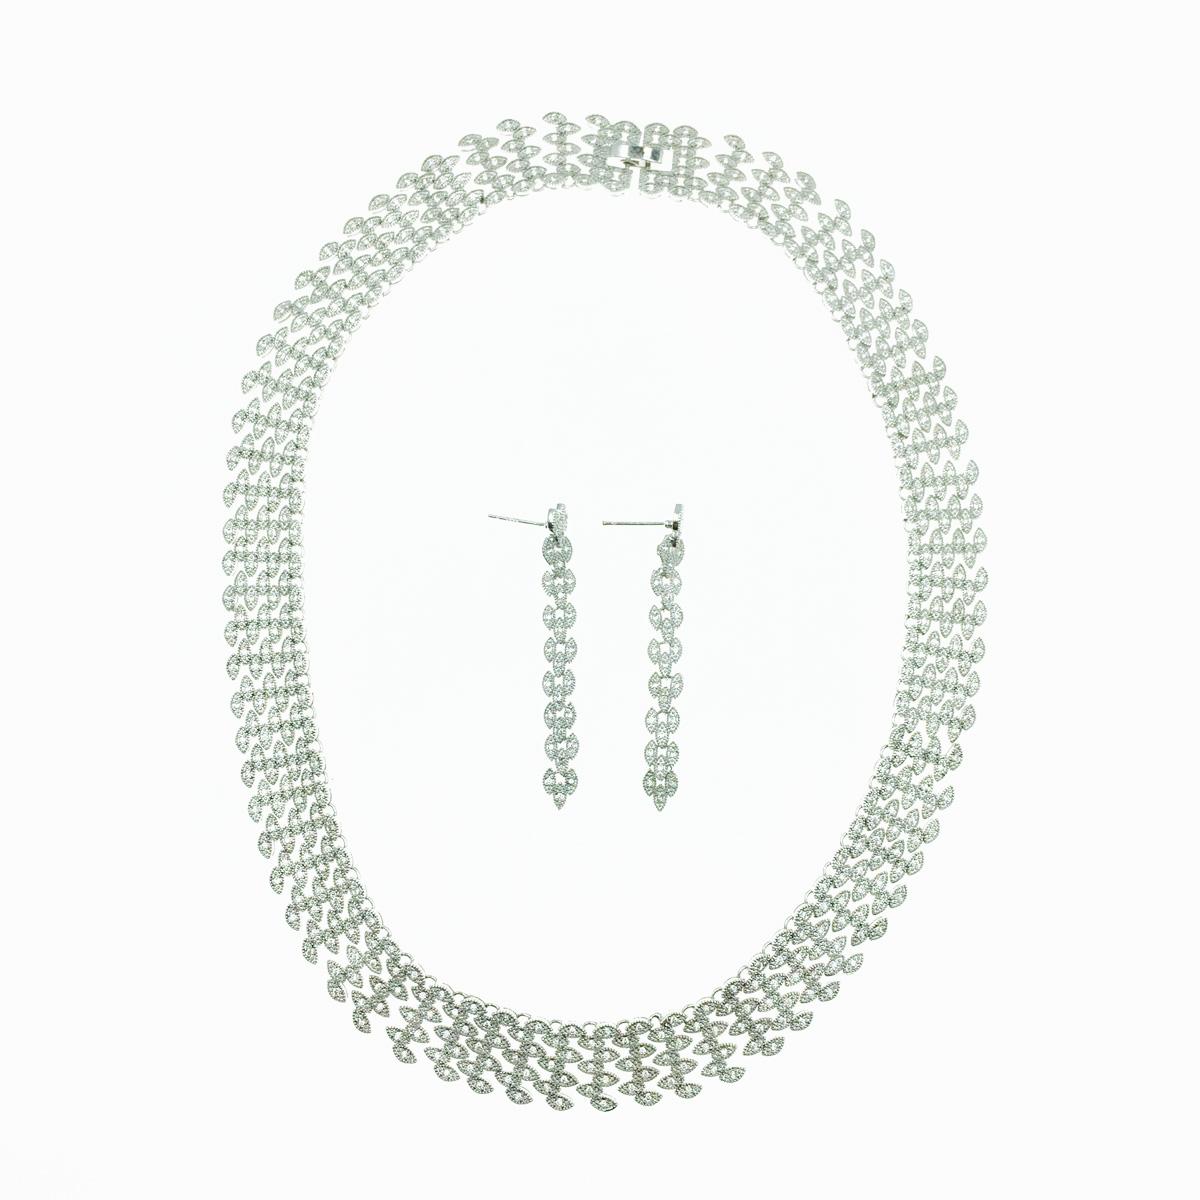 韓國 水鑽 愛心 華麗新娘飾品 項鍊耳環套組 採用施華洛世奇水晶元素 Crystals from Swarovski